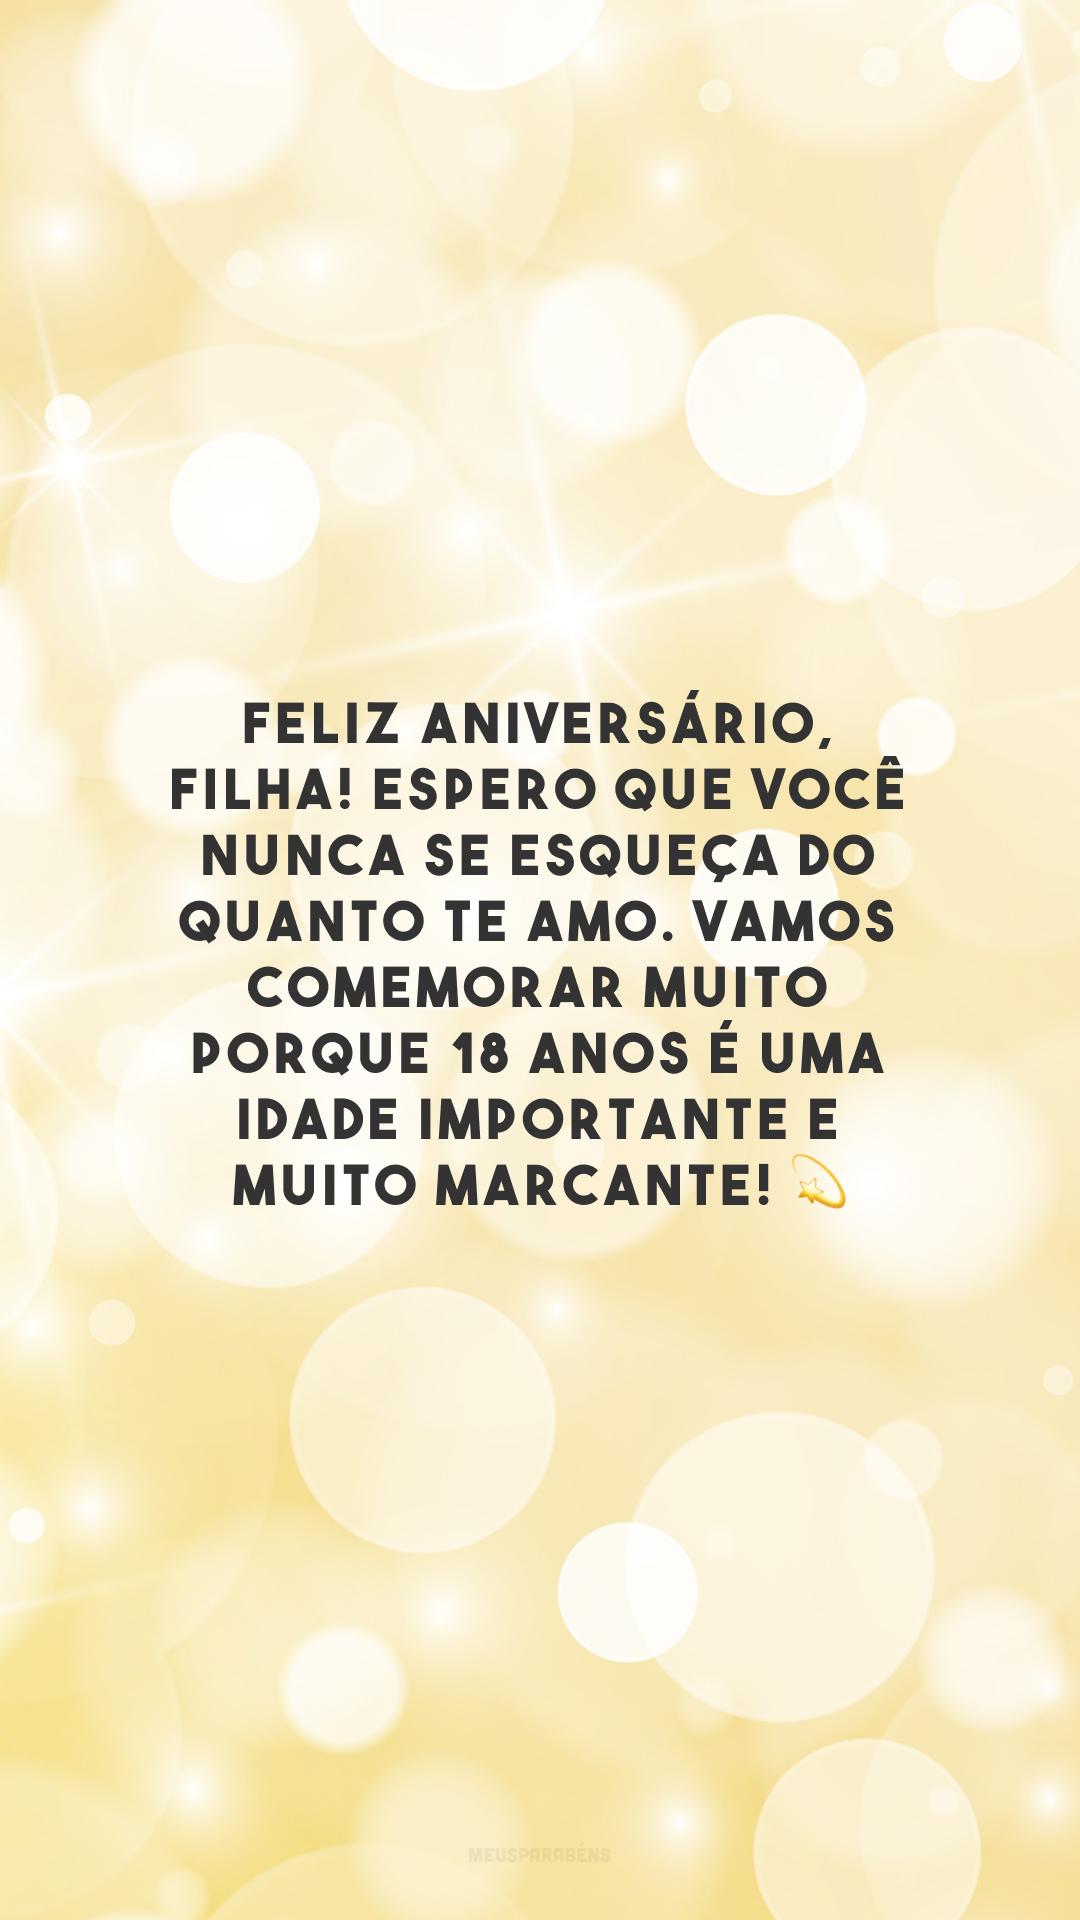 Feliz aniversário, filha! Espero que você nunca se esqueça do quanto te amo. Vamos comemorar muito porque 18 anos é uma idade importante e muito marcante! 💫